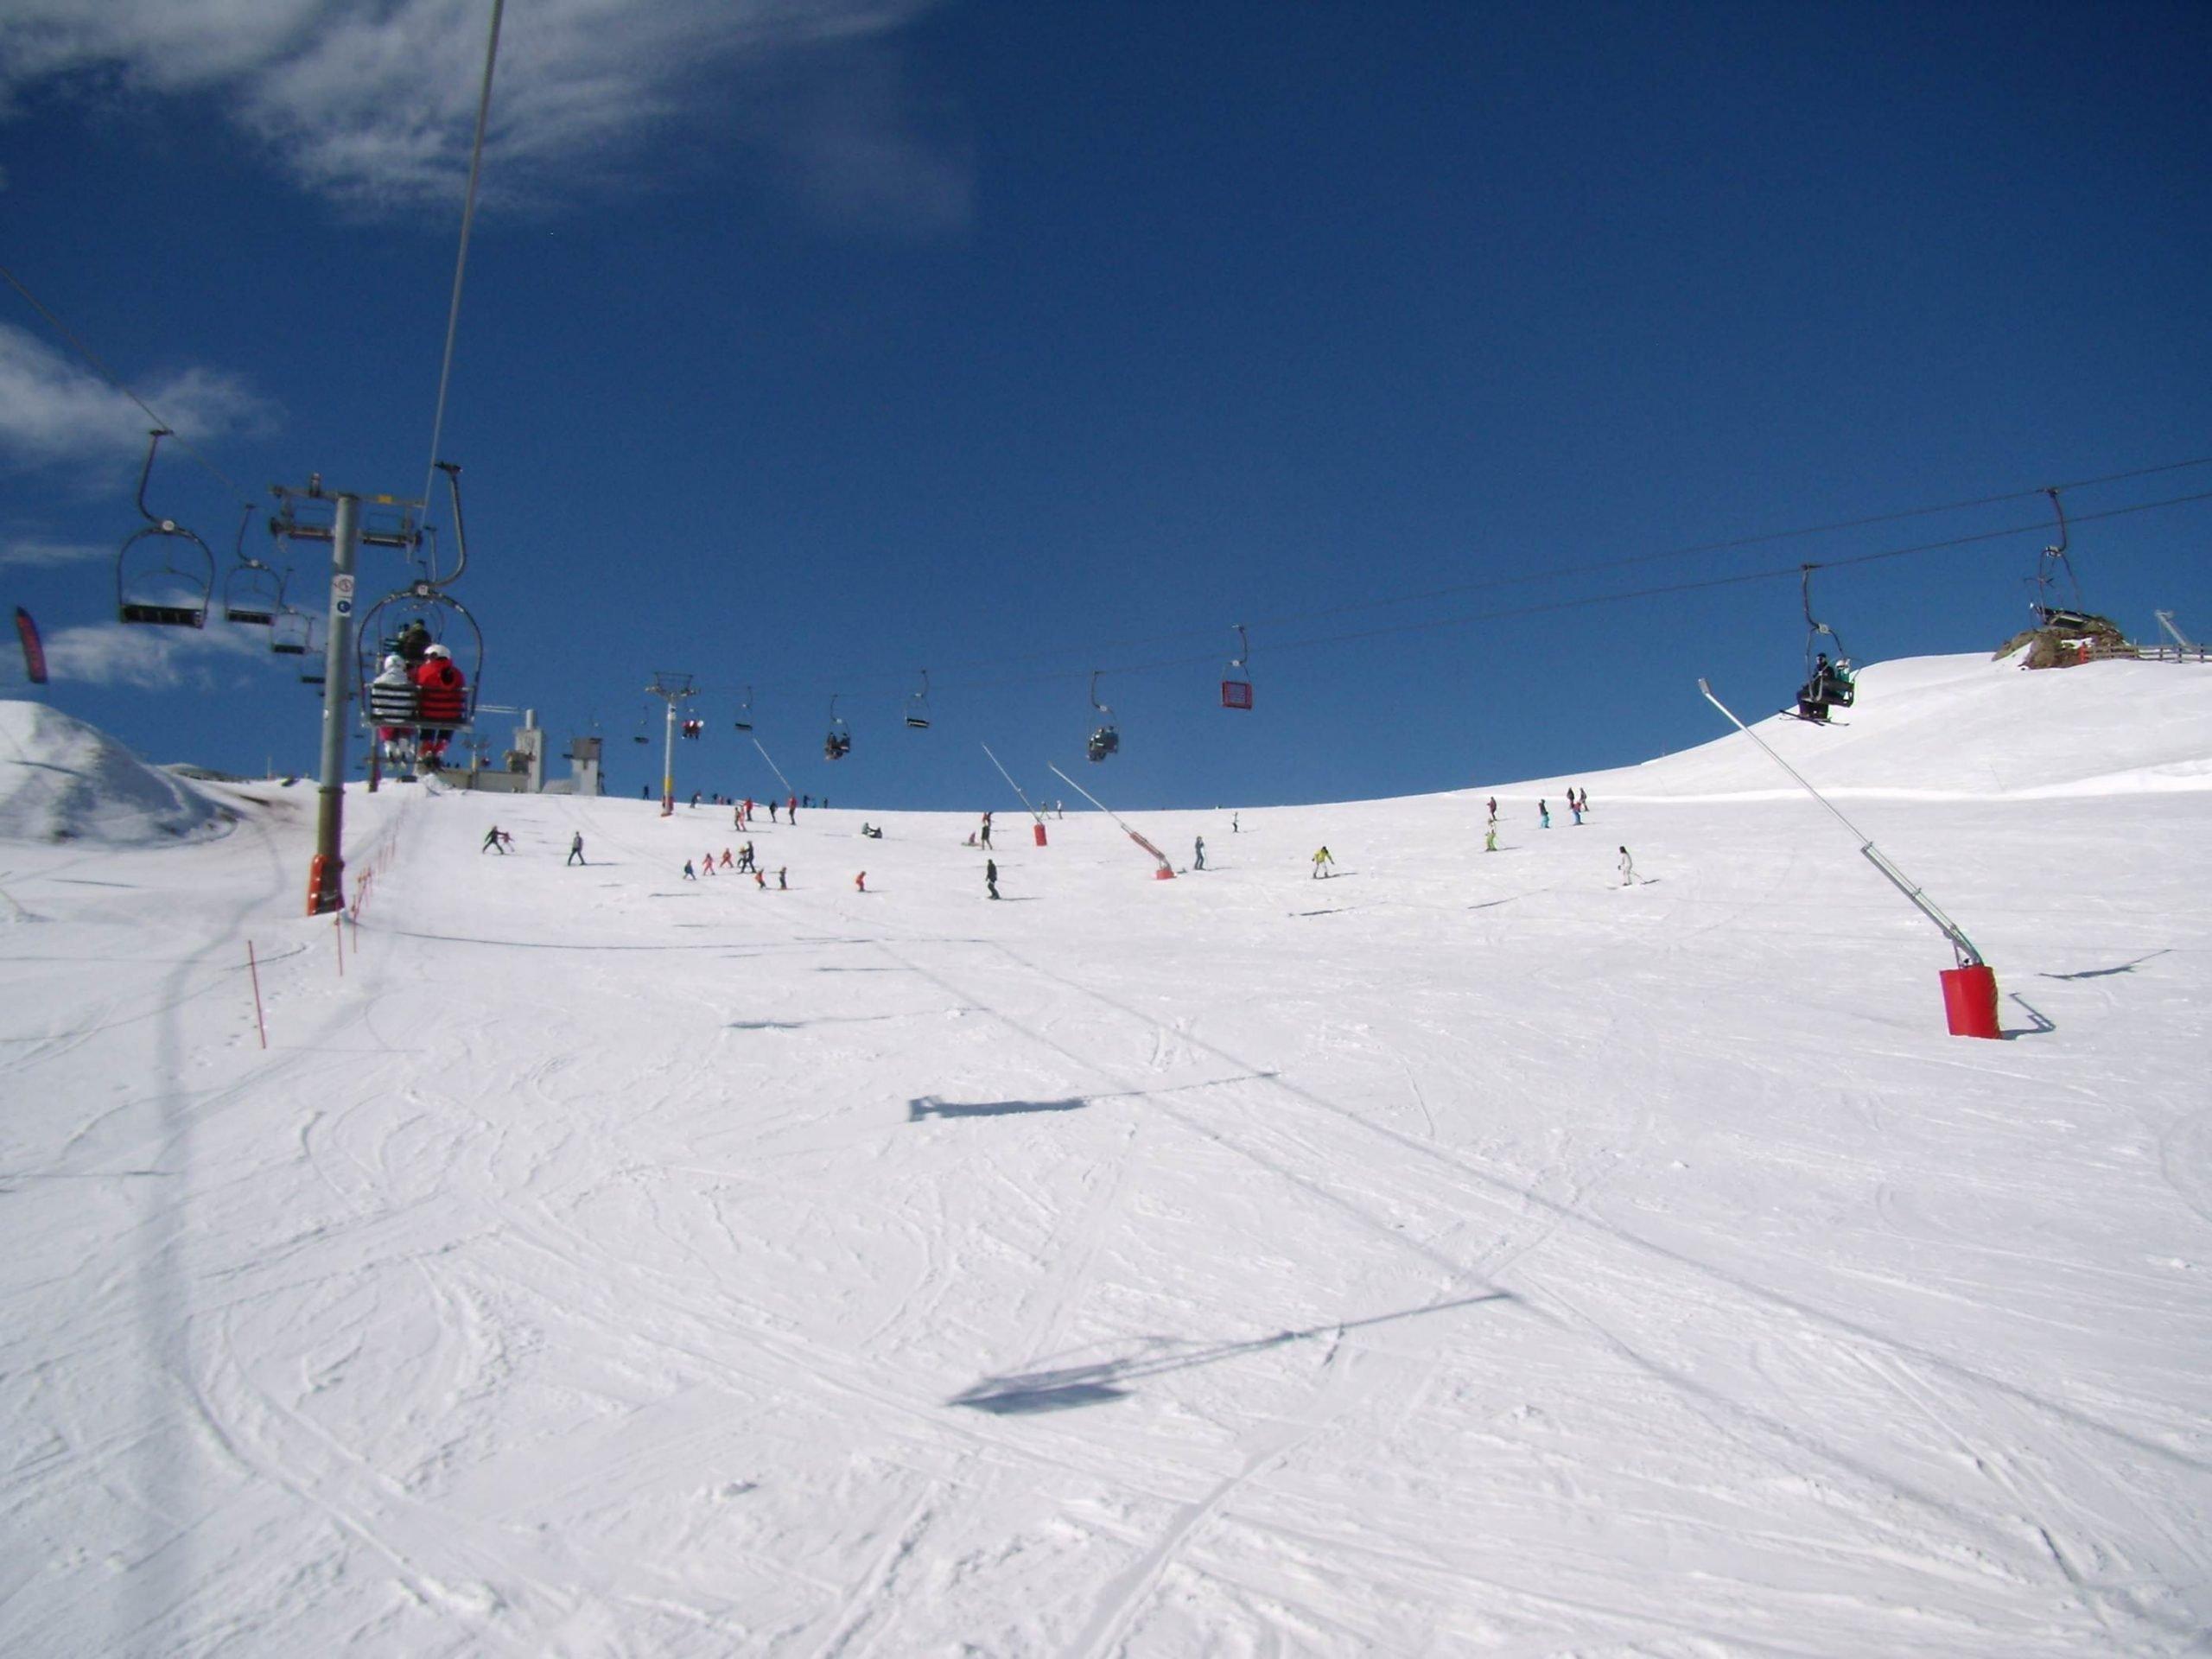 Nueva web para gestionar las reservas de las estaciones de esquí de Pajares y Fuentes de Invierno